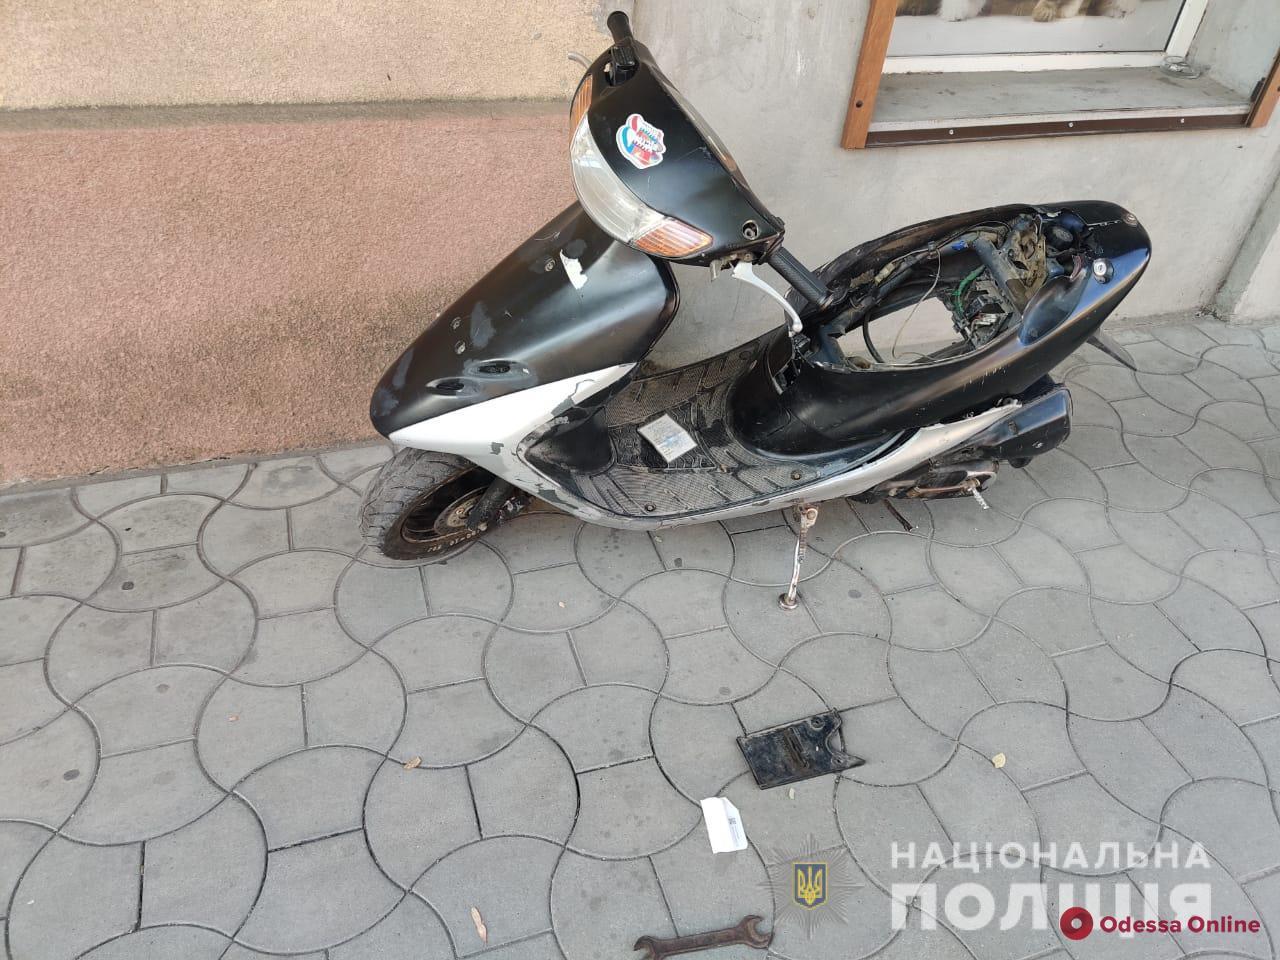 В Измаиле оперативно задержали угонщика скутера